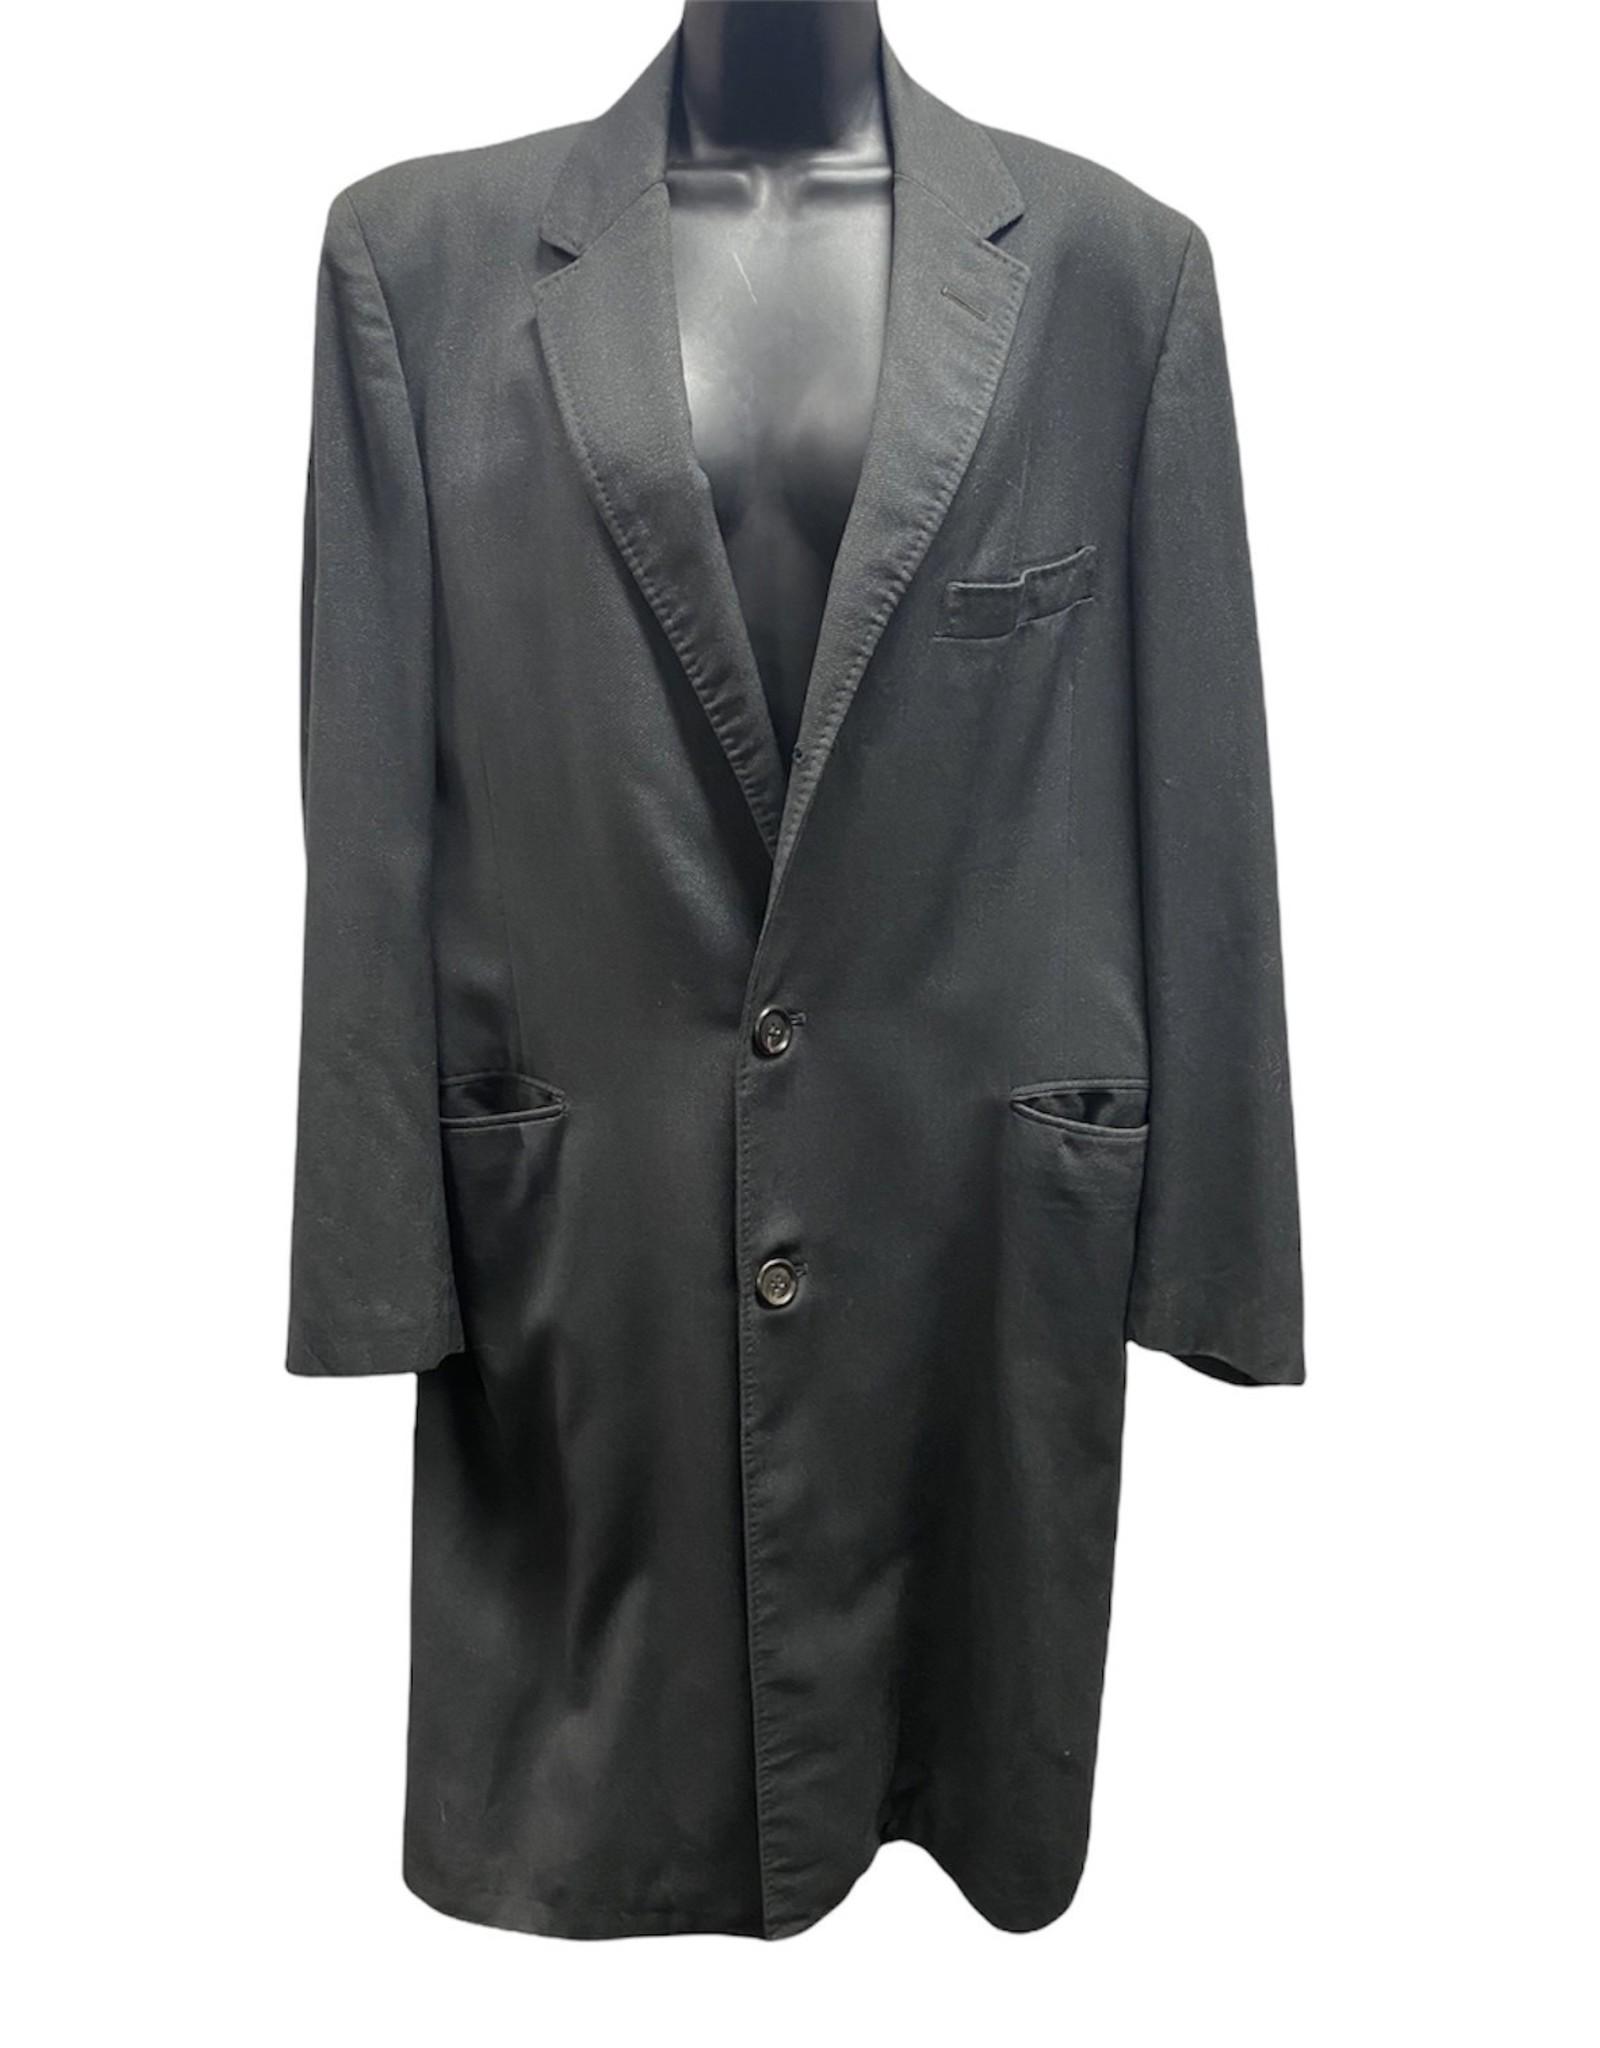 90s long gray blazer/topcoat 42